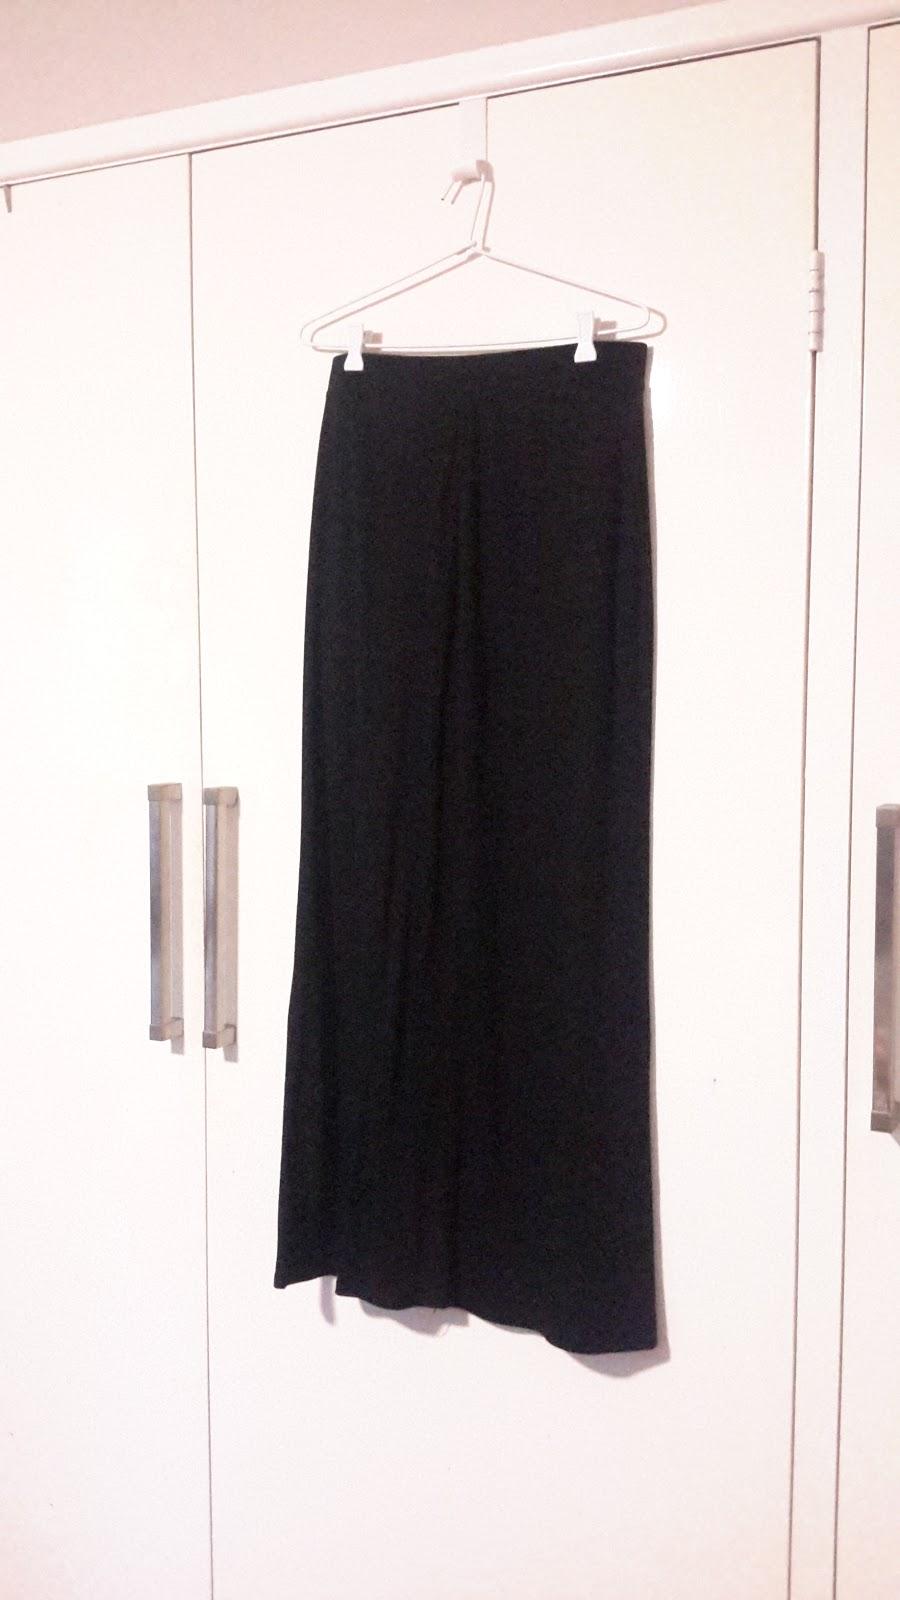 e8332e0026 Kmart Fashion Hacks - Maxi Skirt to Dress